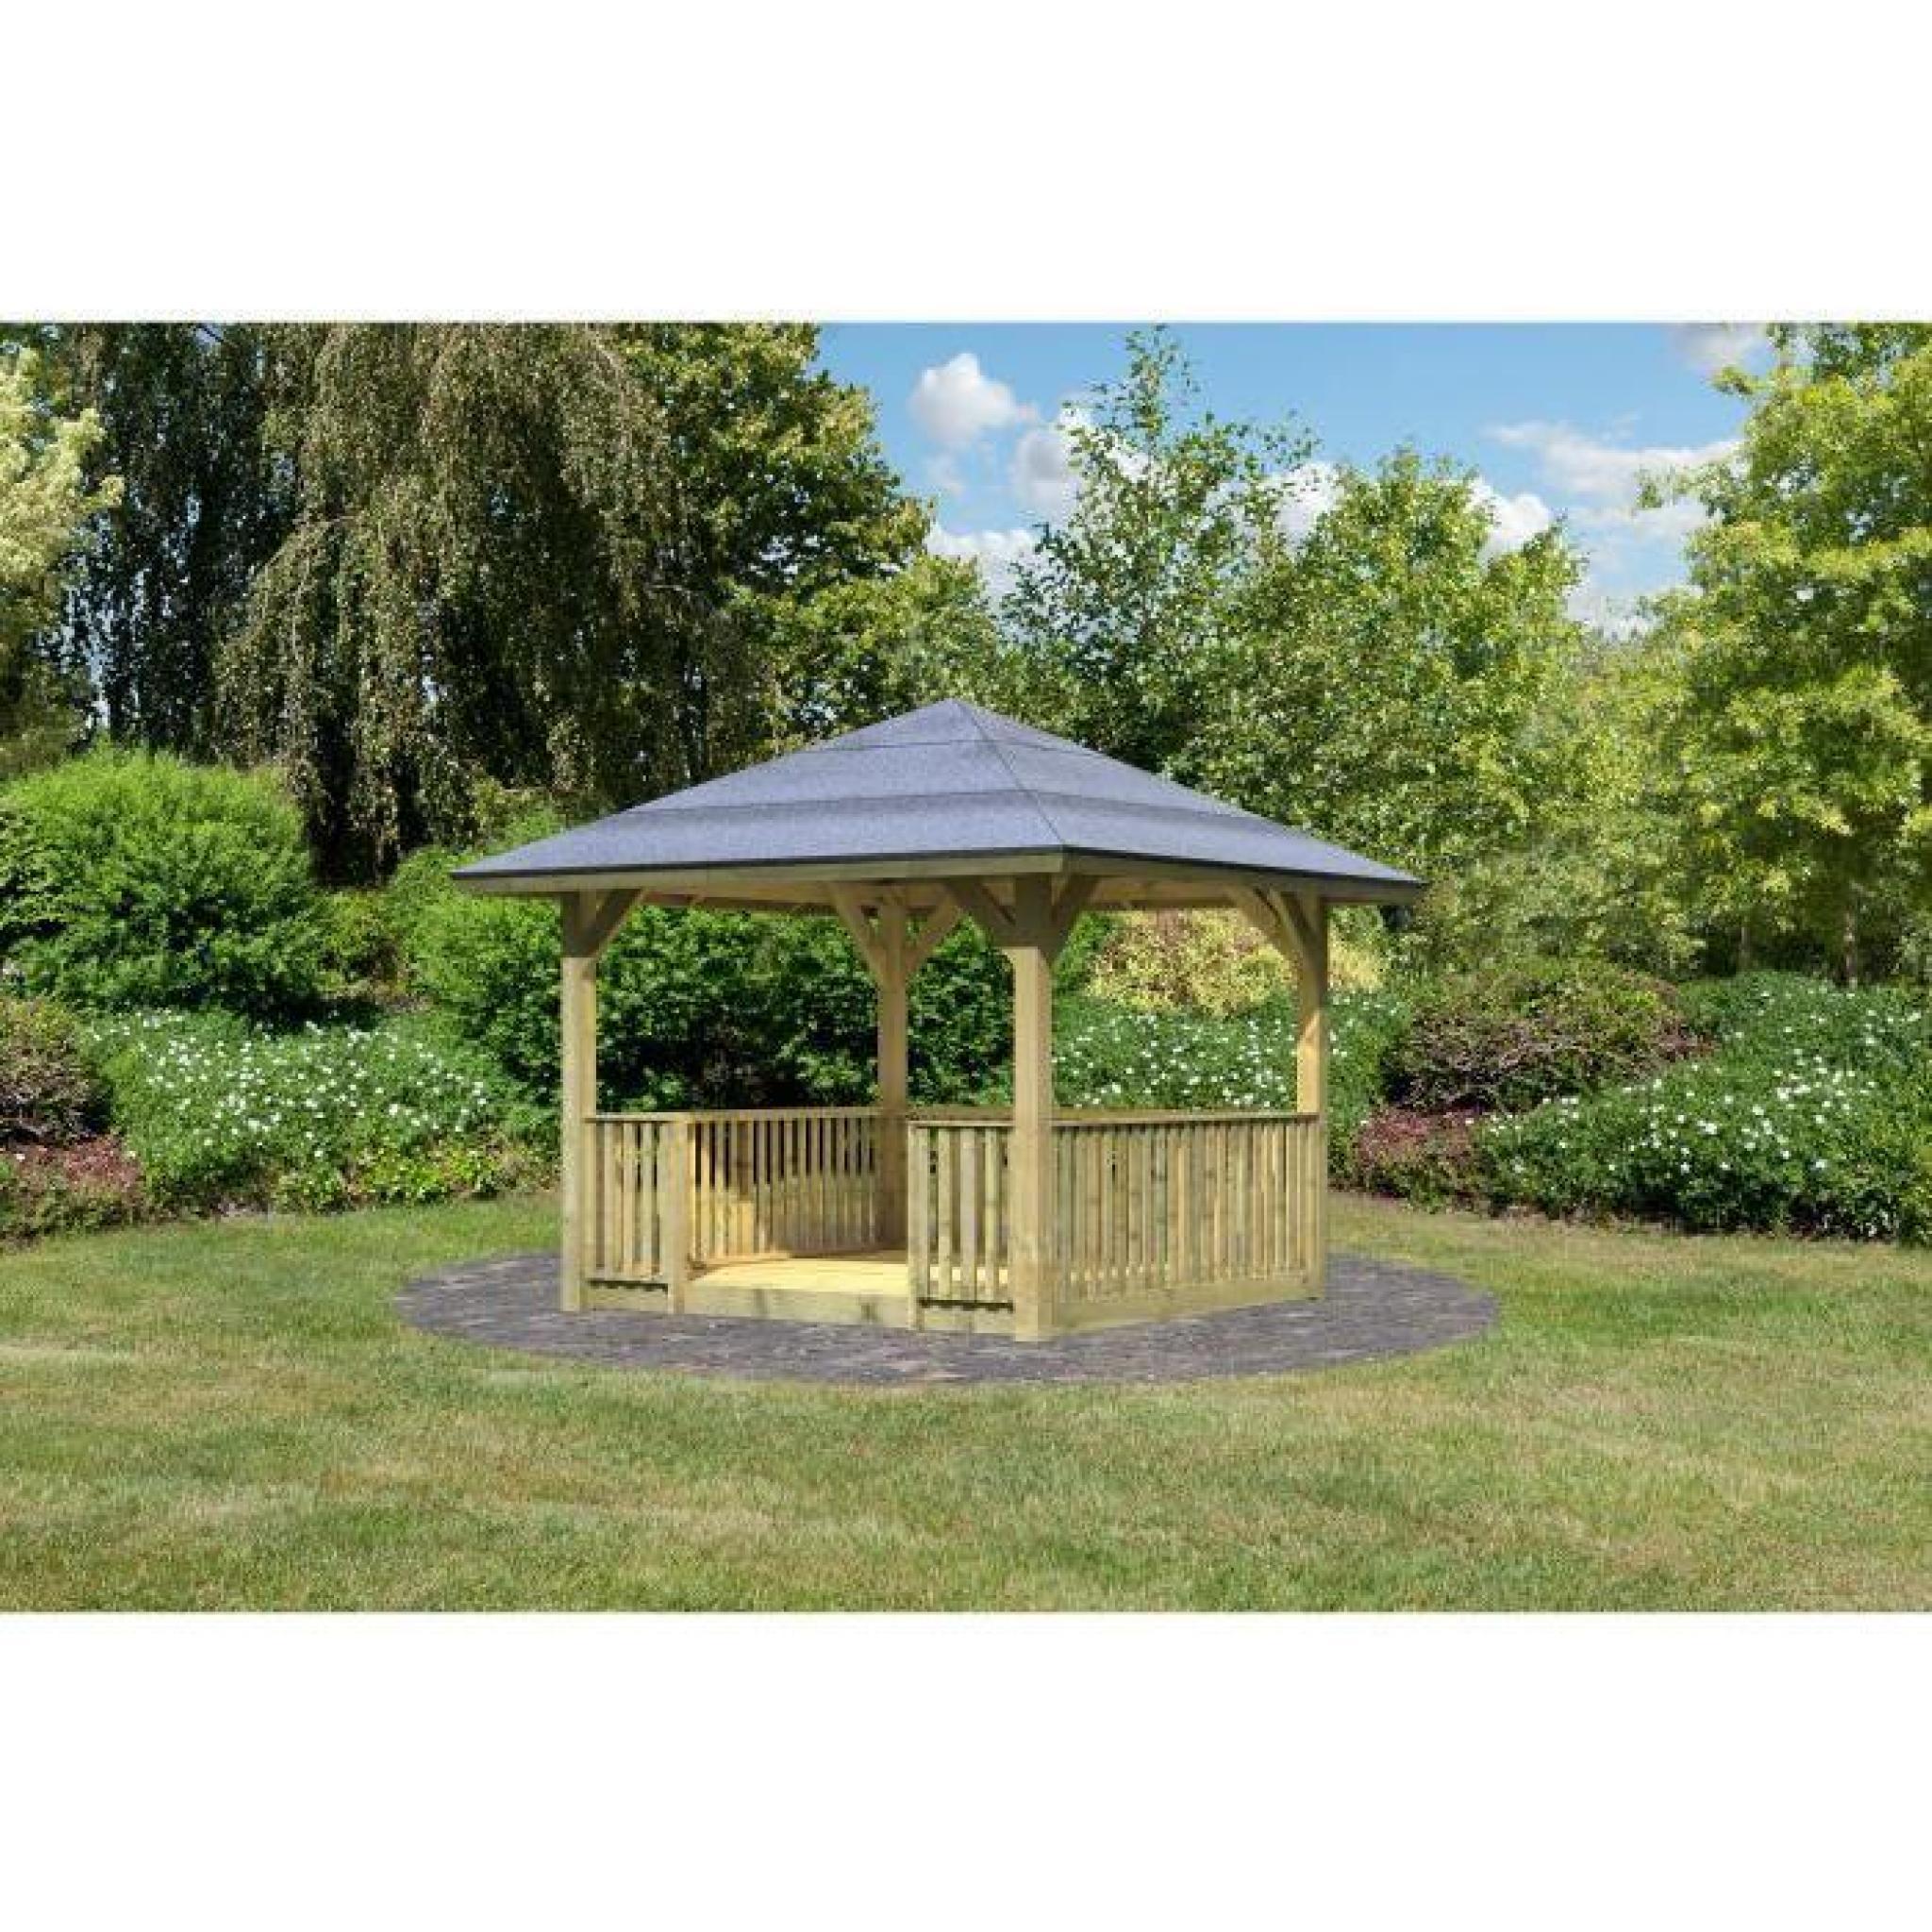 Pavillon de jardin bois trait 265x265 cm achat vente kiosque de j - Kiosque jardin pas cher ...